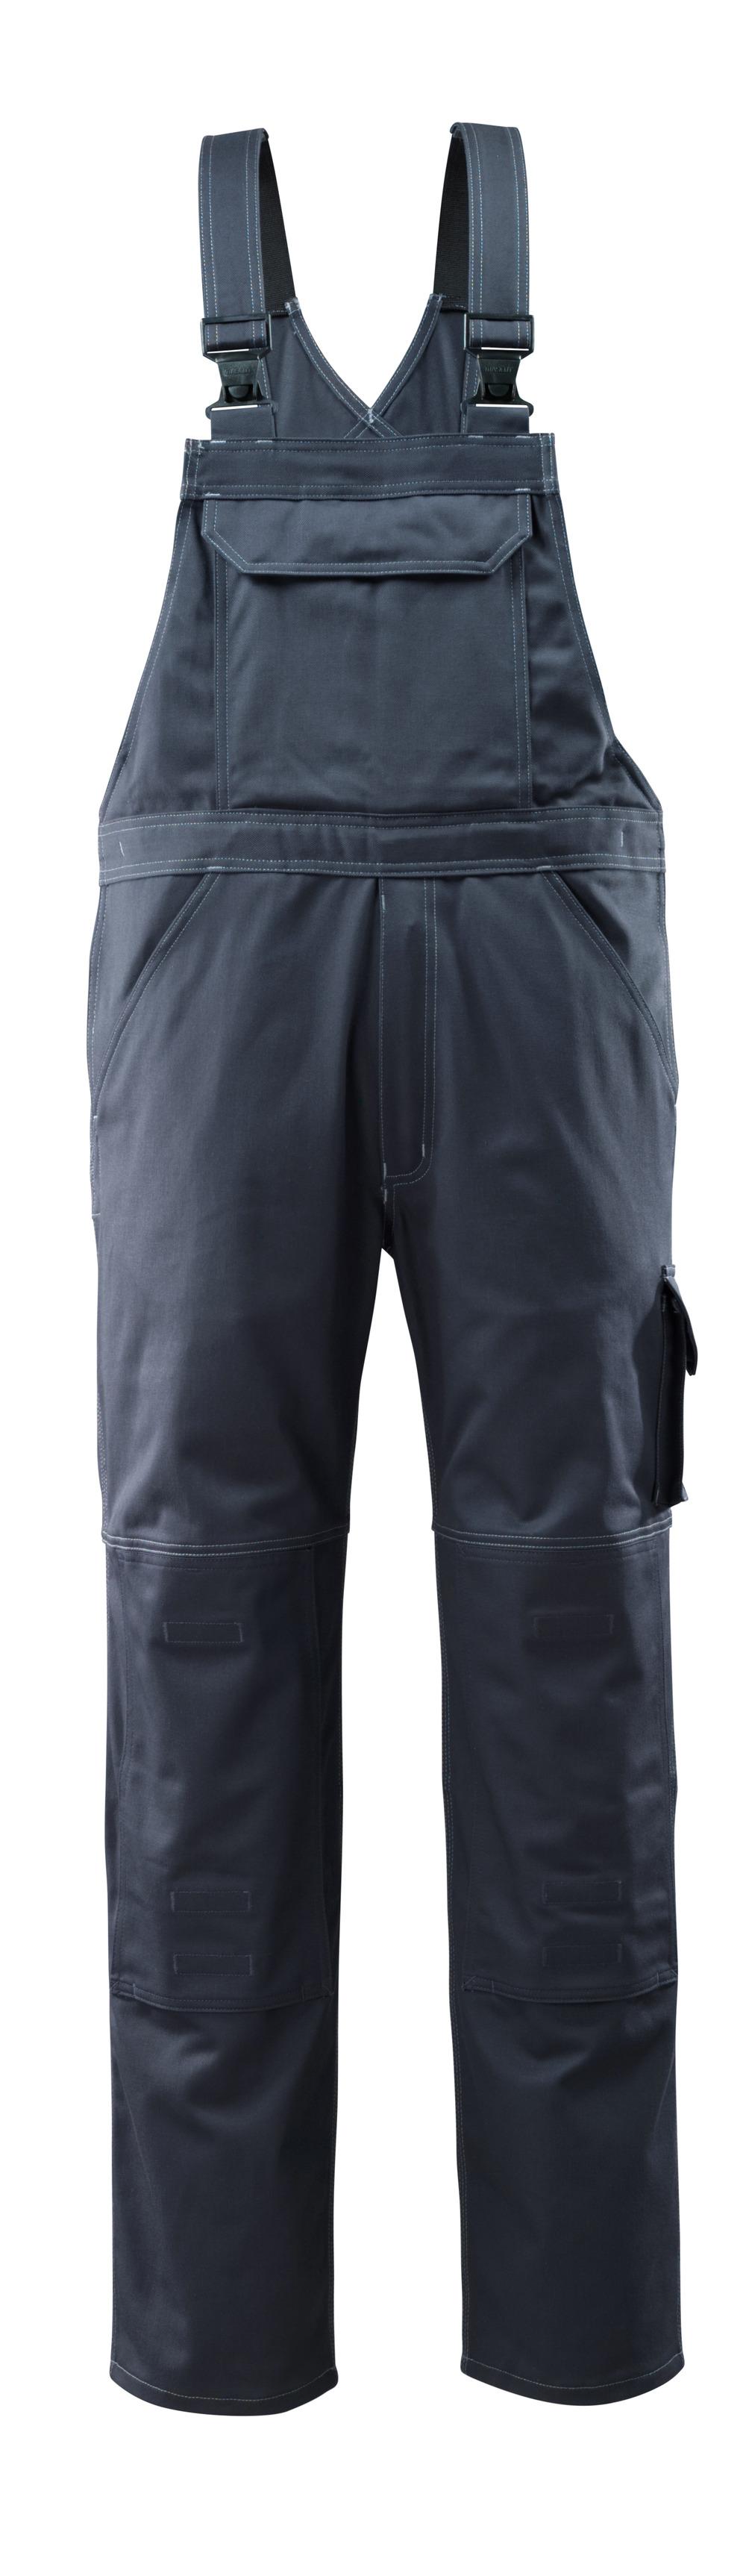 12362-630-010 Peto con bolsillos para rodilleras - azul marino oscuro